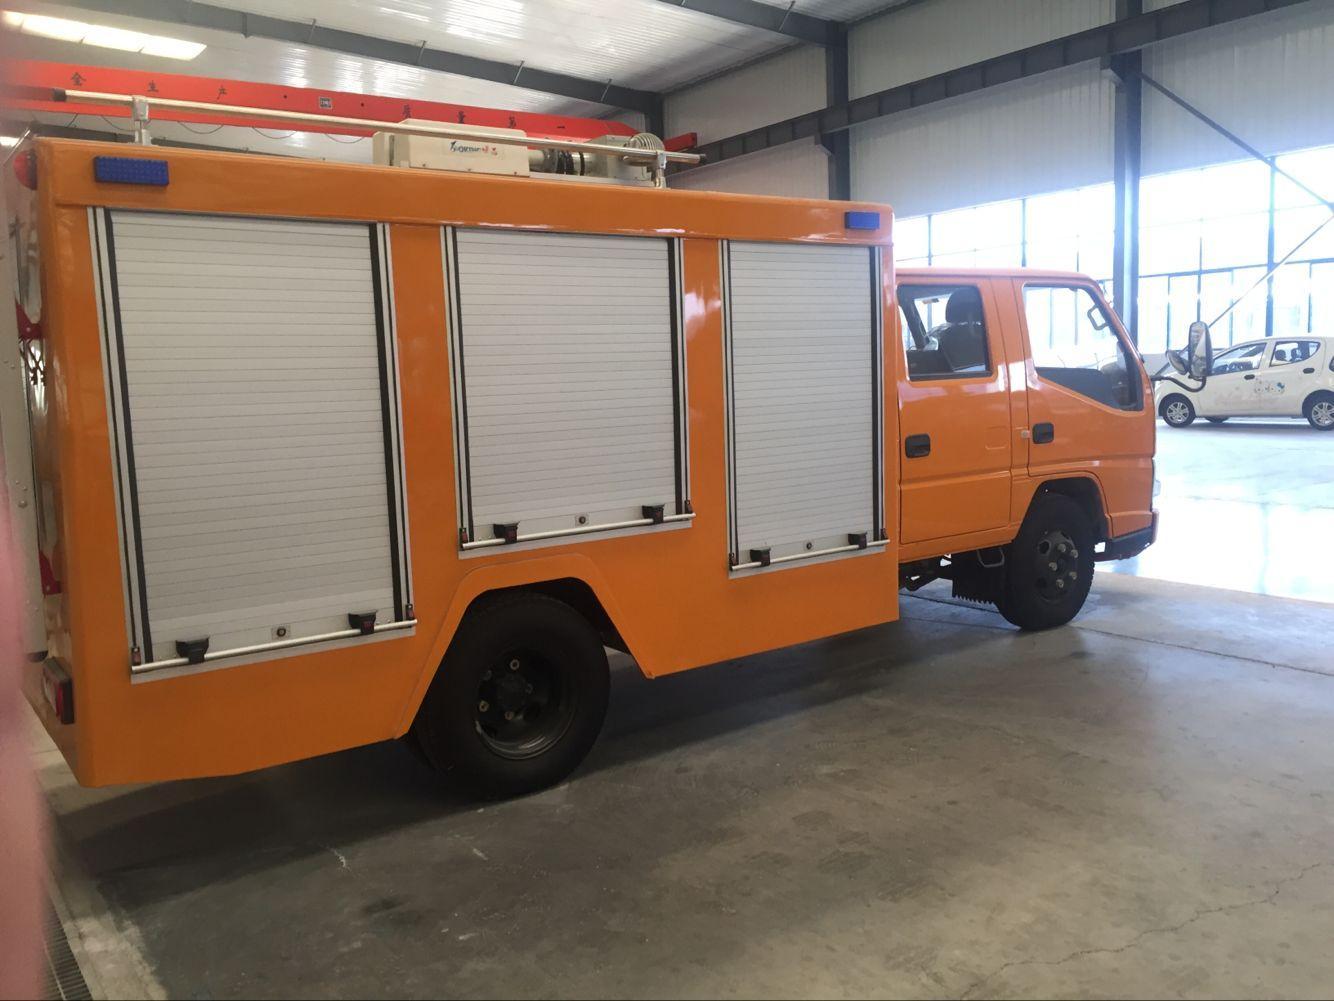 Security Proofing Aluminum Roller Door for Fire Vehicle 4